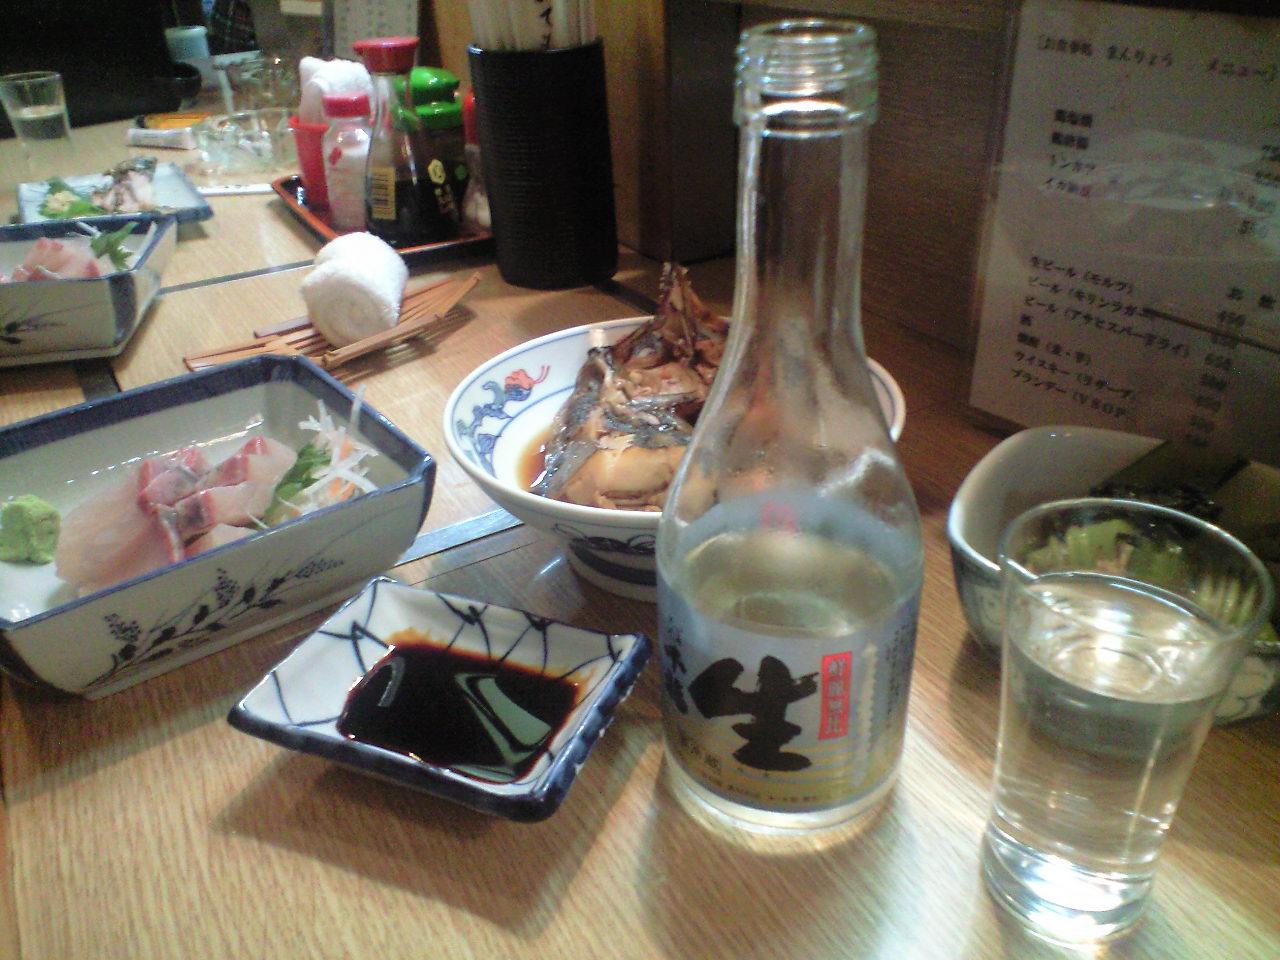 三宅酒造 千福 鮮麗無比生 を呑んでいます。煮魚などに合う呑みやすいお酒です。